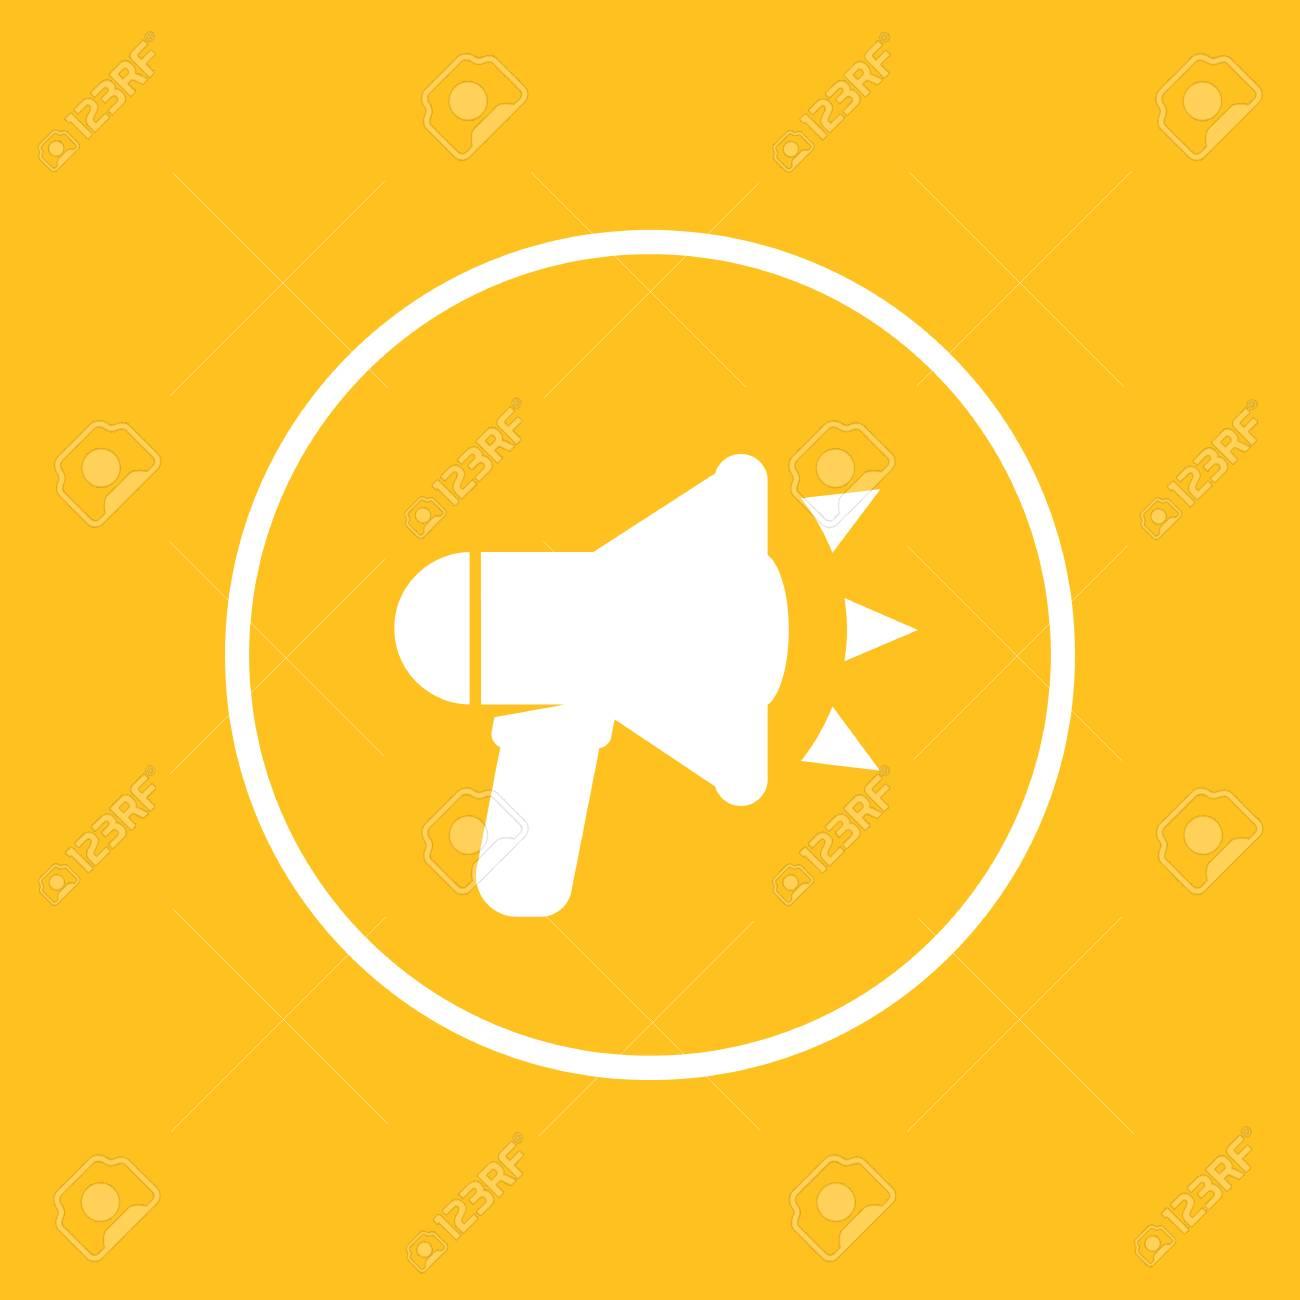 Loudspeaker icon in circle megaphone bullhorn sign royalty free loudspeaker icon in circle megaphone bullhorn sign stock vector 69811974 publicscrutiny Gallery